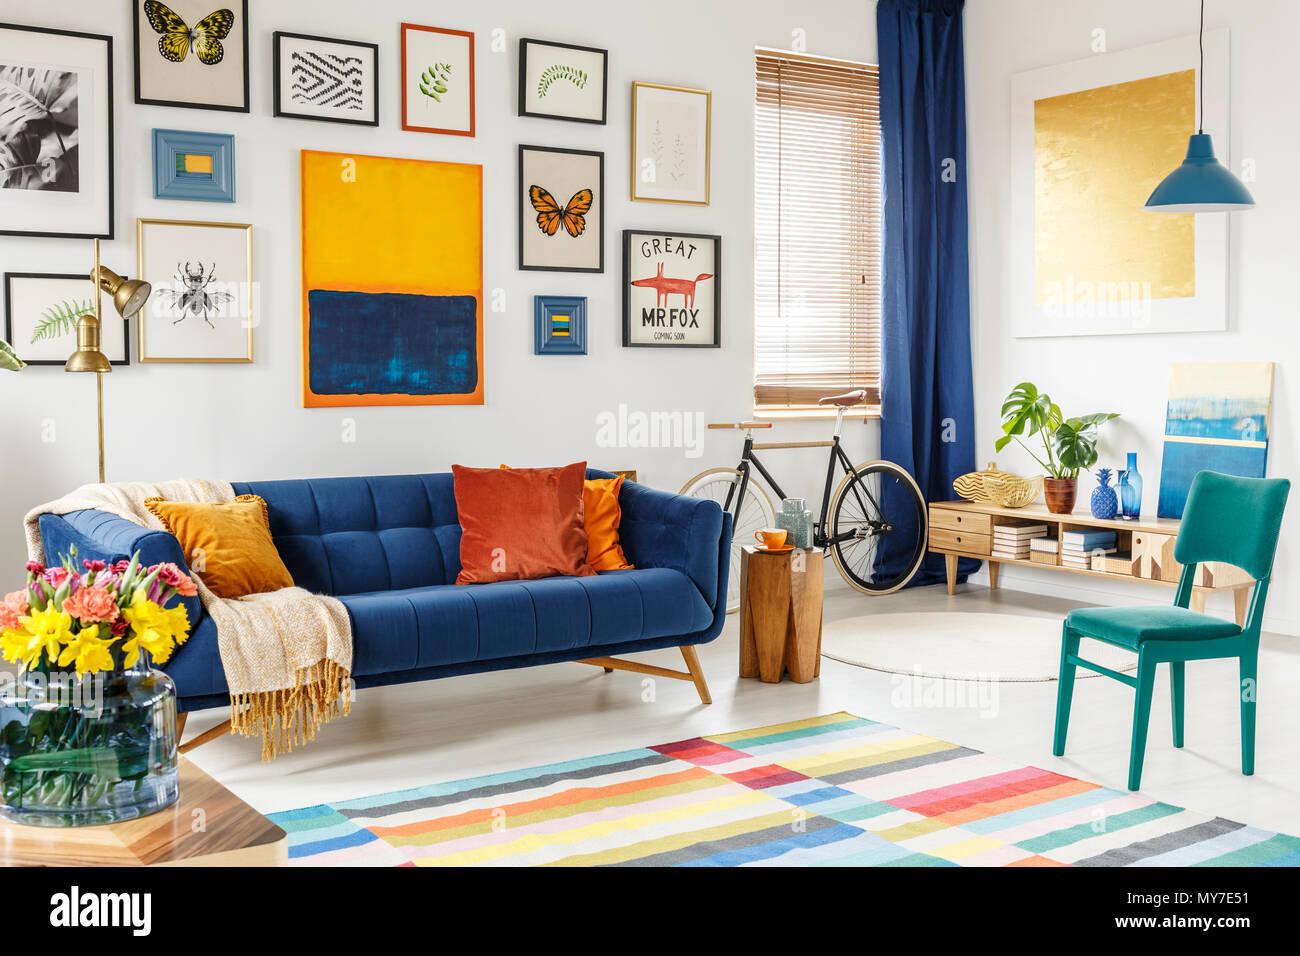 Divano arancione colore pareti il colore nellarredamento for Divano blu colore pareti